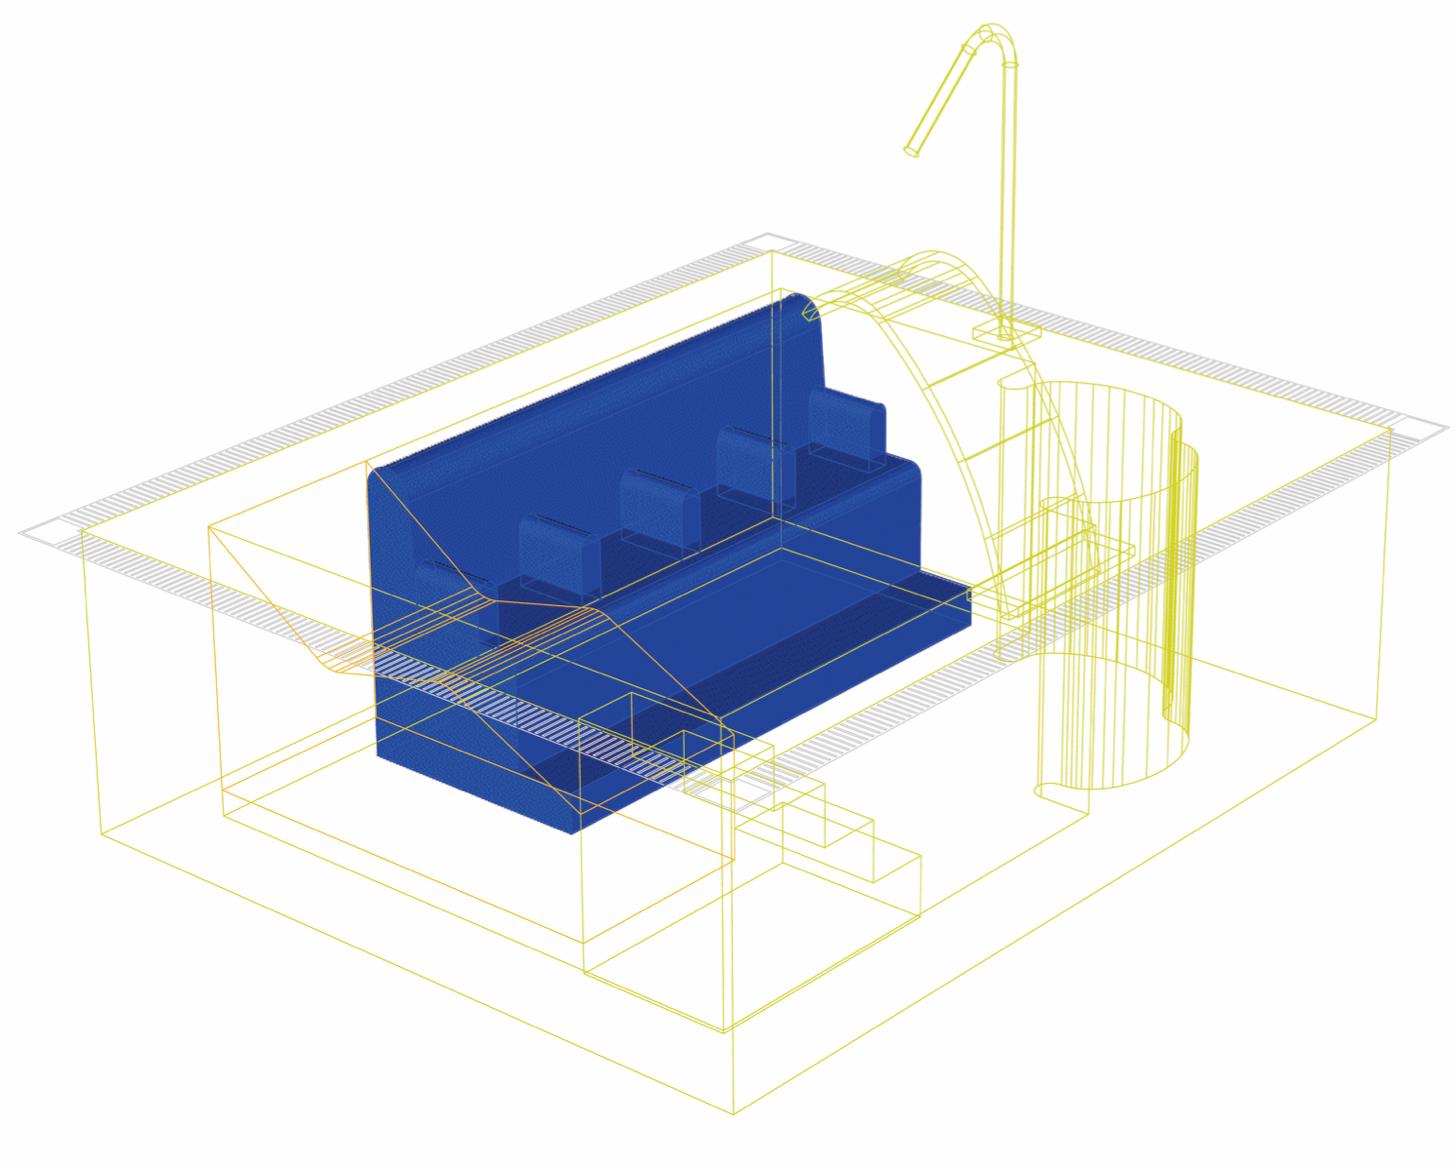 los asientos perforados con láser y electrosoldados aportan aire a través de sus difusores.